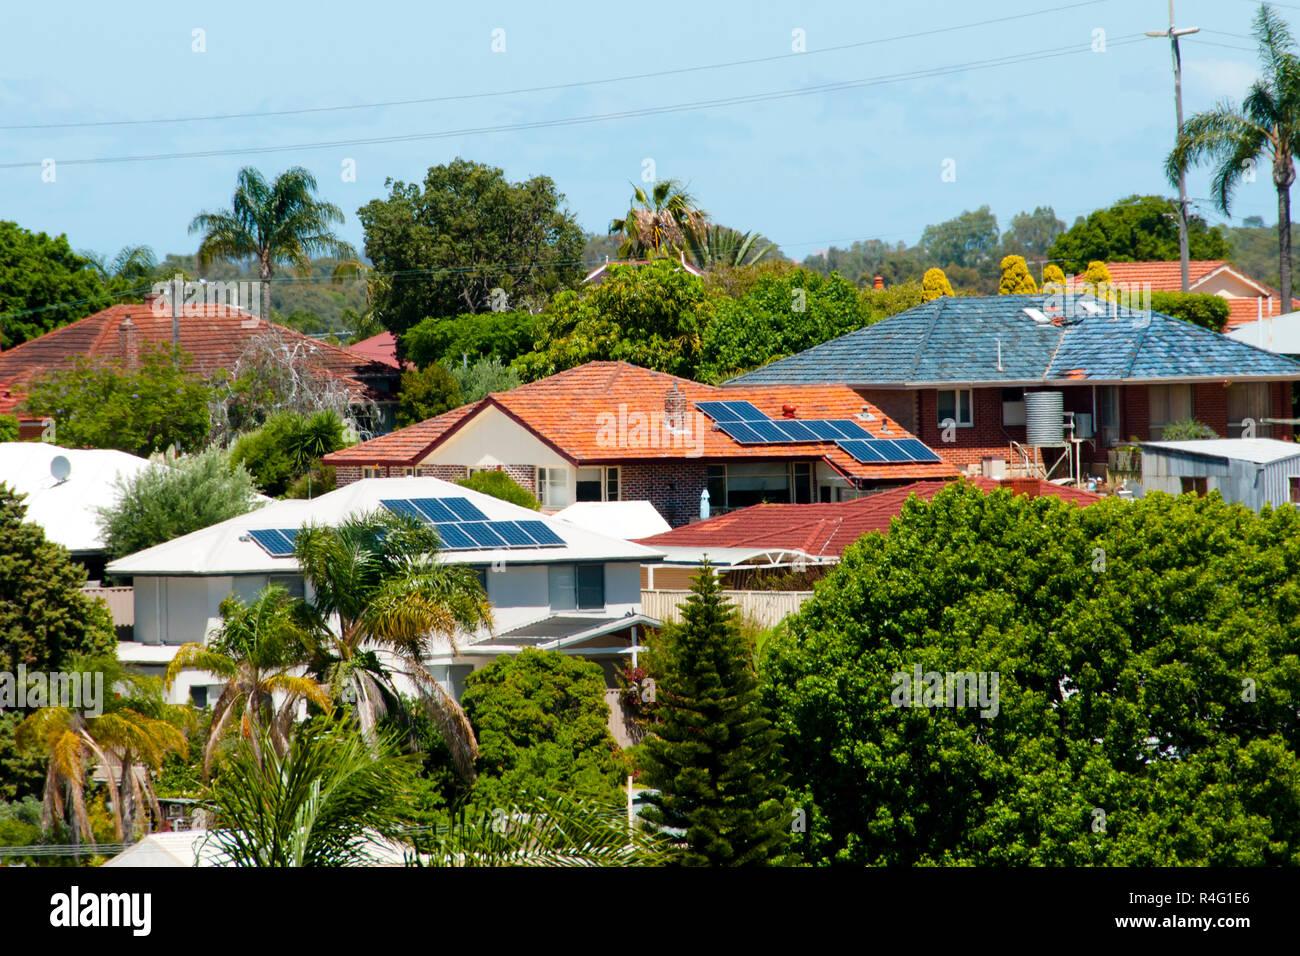 Residential Solar Panels - Stock Image